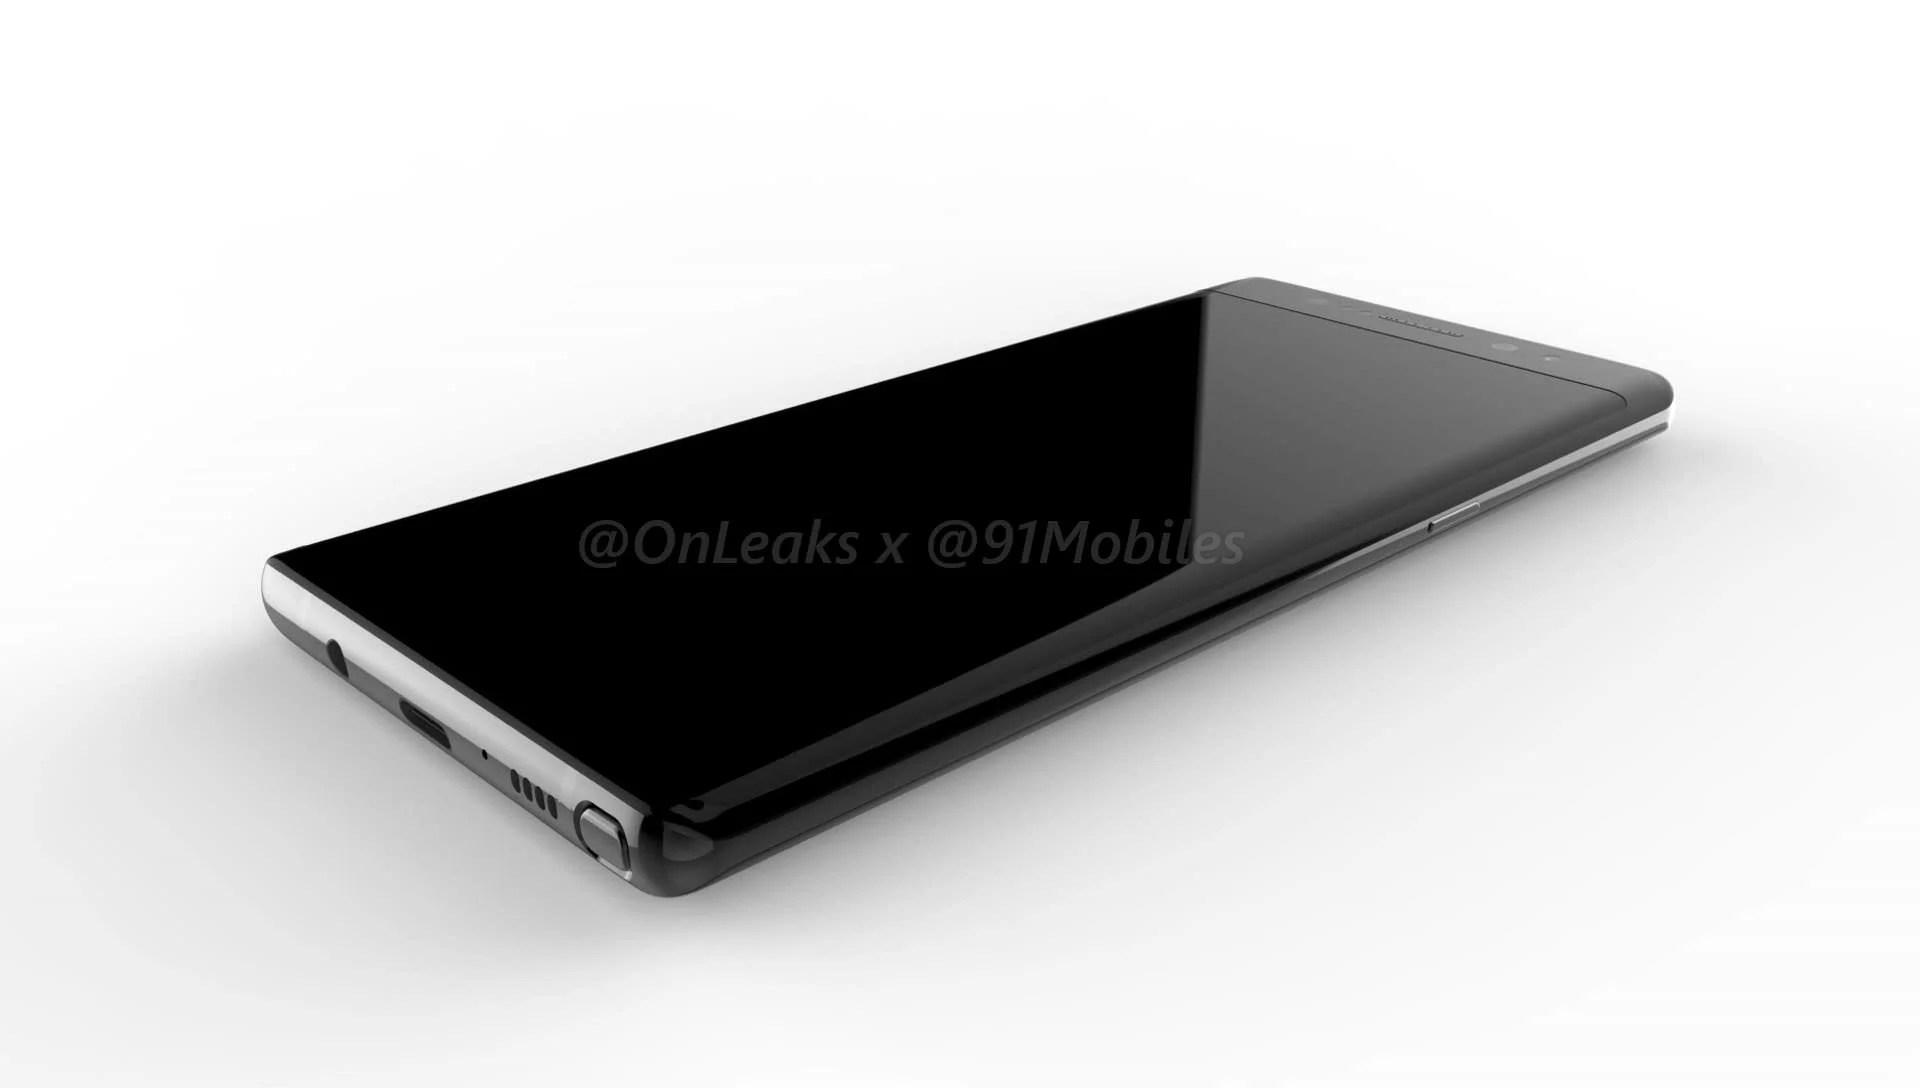 Samsung Galaxy Note 8 : voici de premières images de son design avec écran Infinity